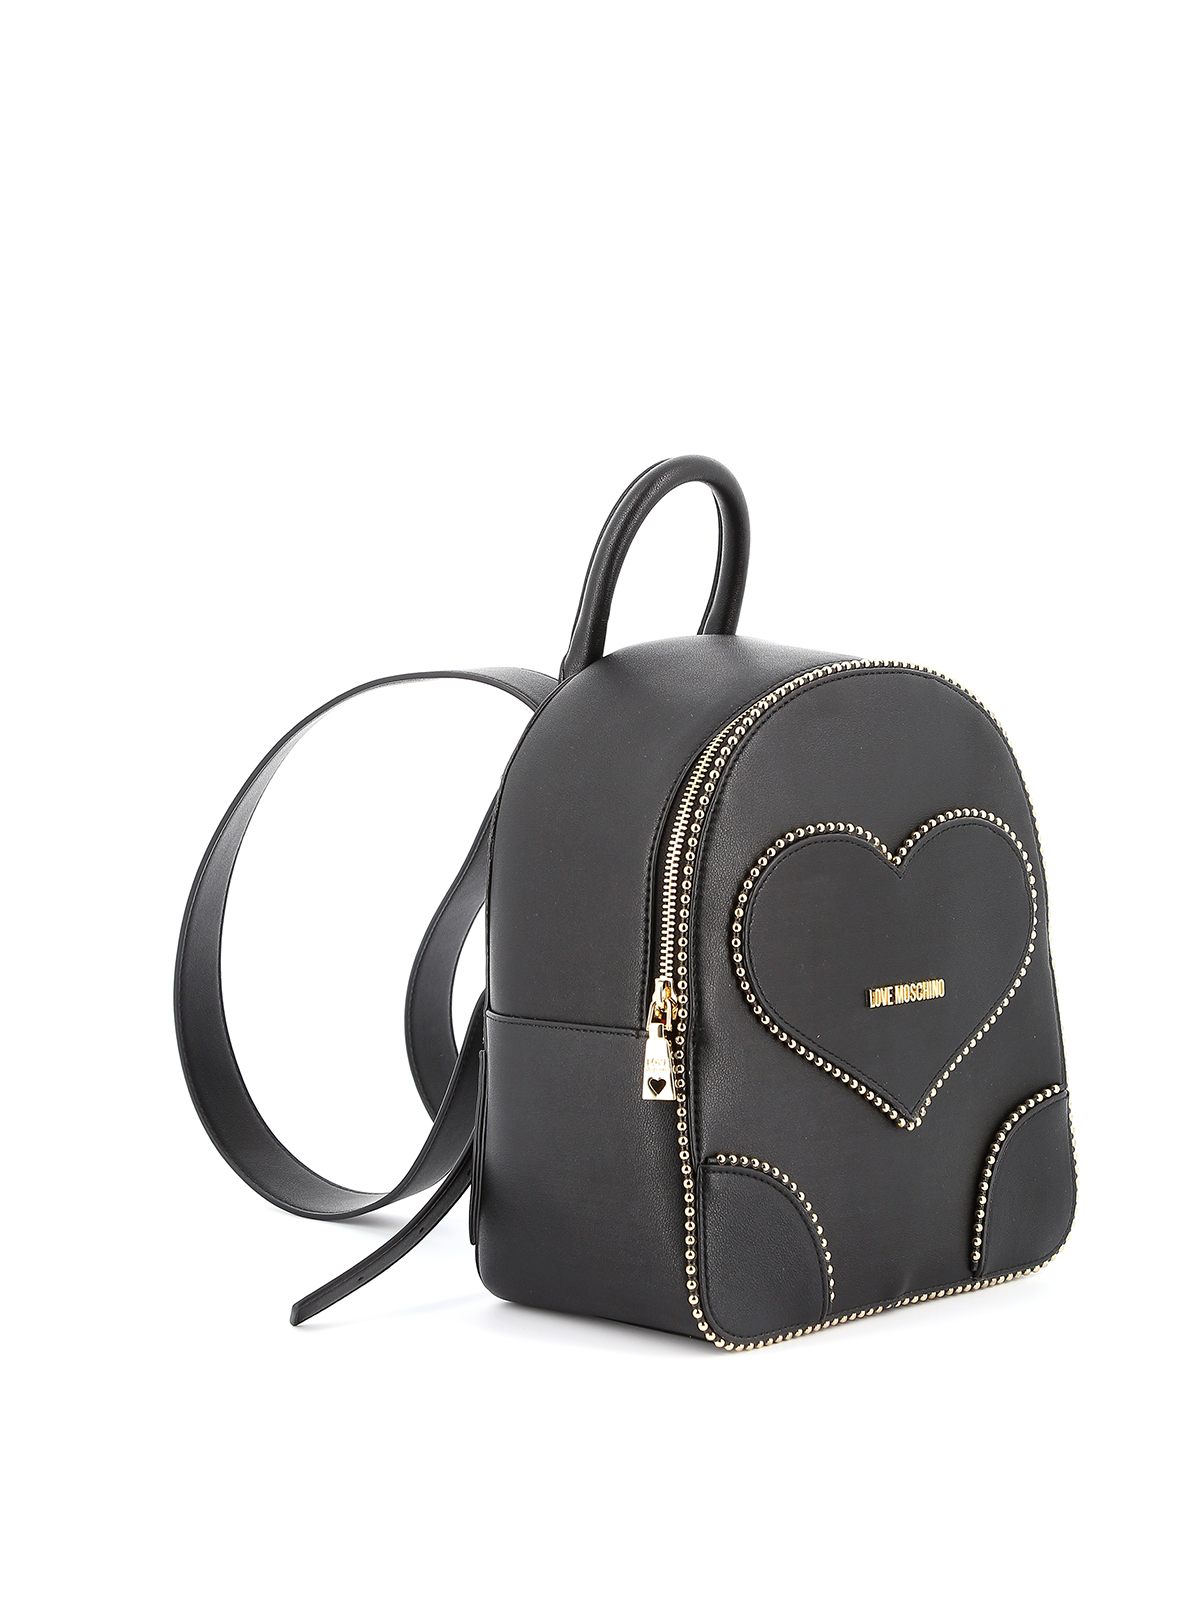 Zaino Studded Heart con borchie